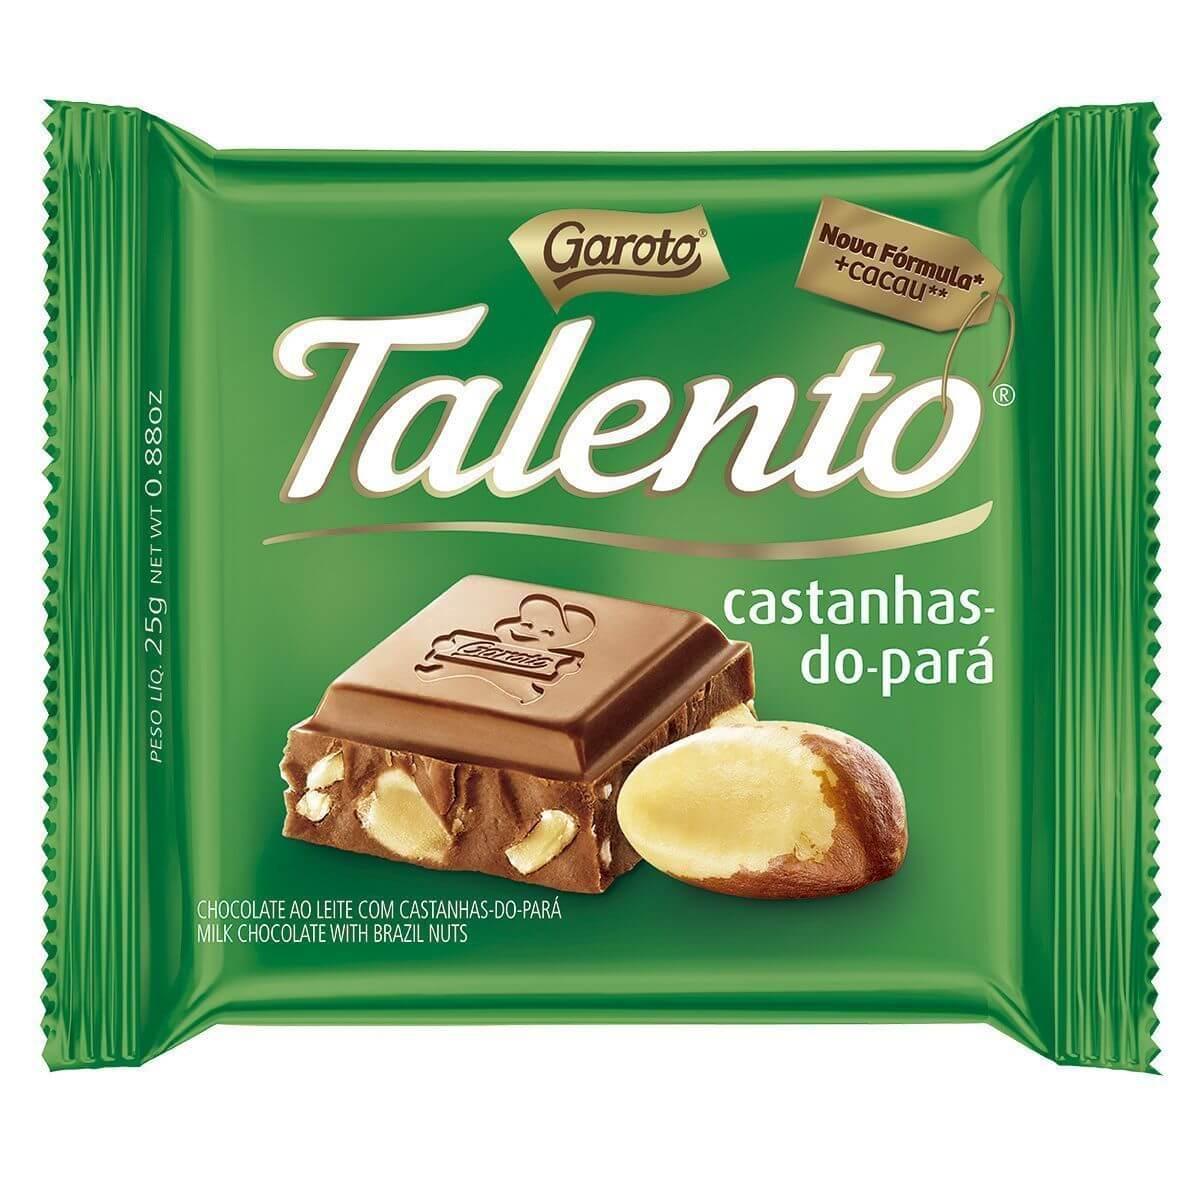 CHOCOLATE TALENTO CASTANHA-DO-PARÁ 90G